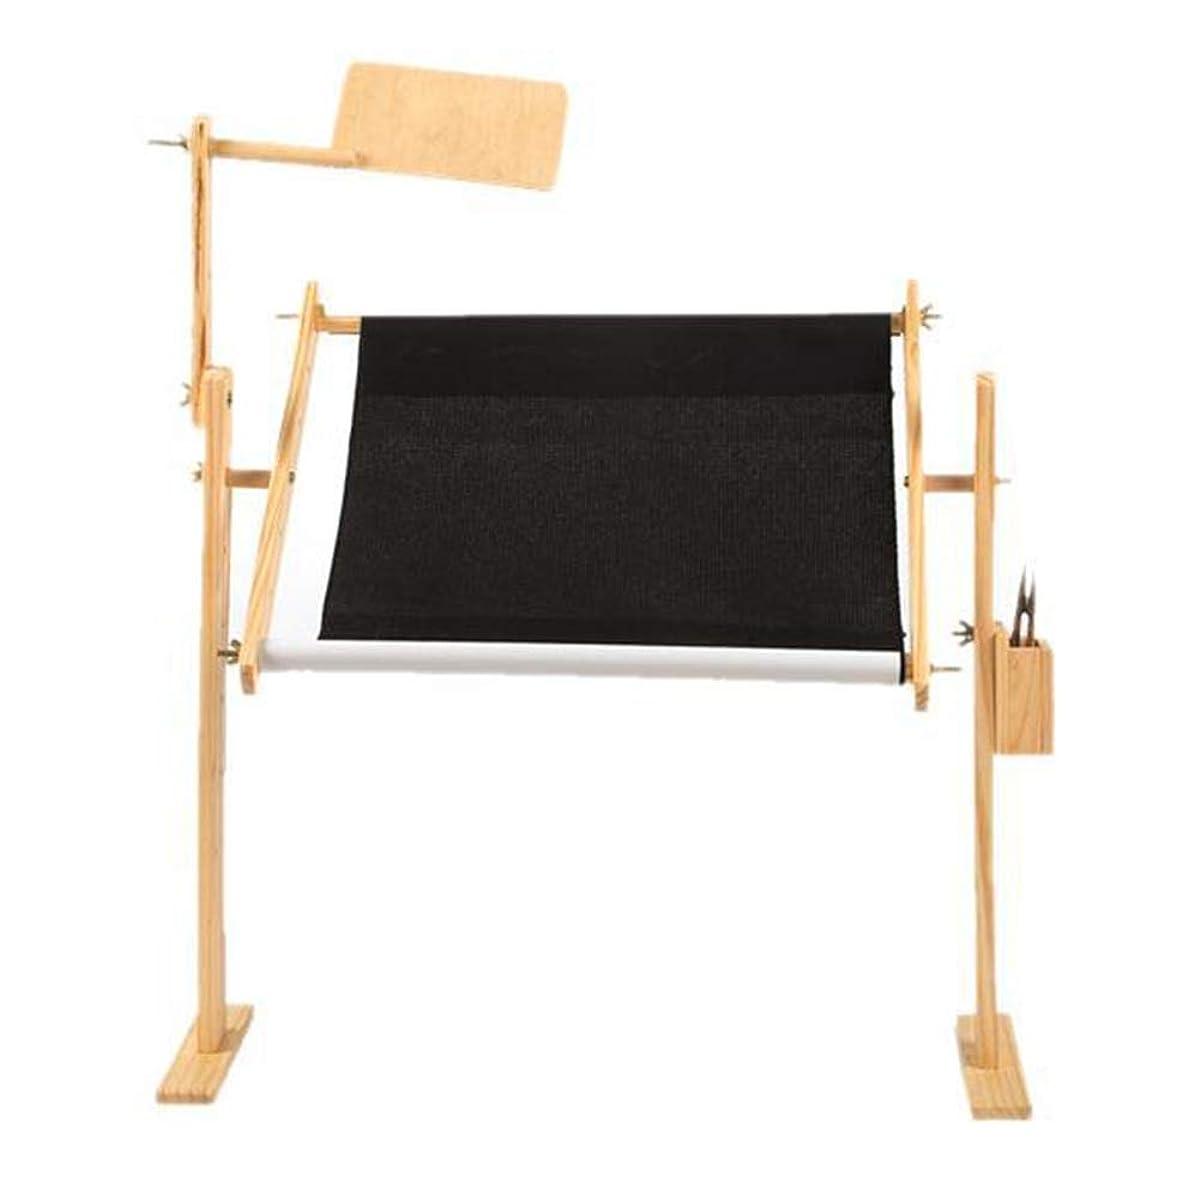 フラグラントロビーエンディングホルダー手作りツール床ハンズフリー調節可能な卓上ホーム刺繍 crossstitch スタンド針仕事クラフト固体木製